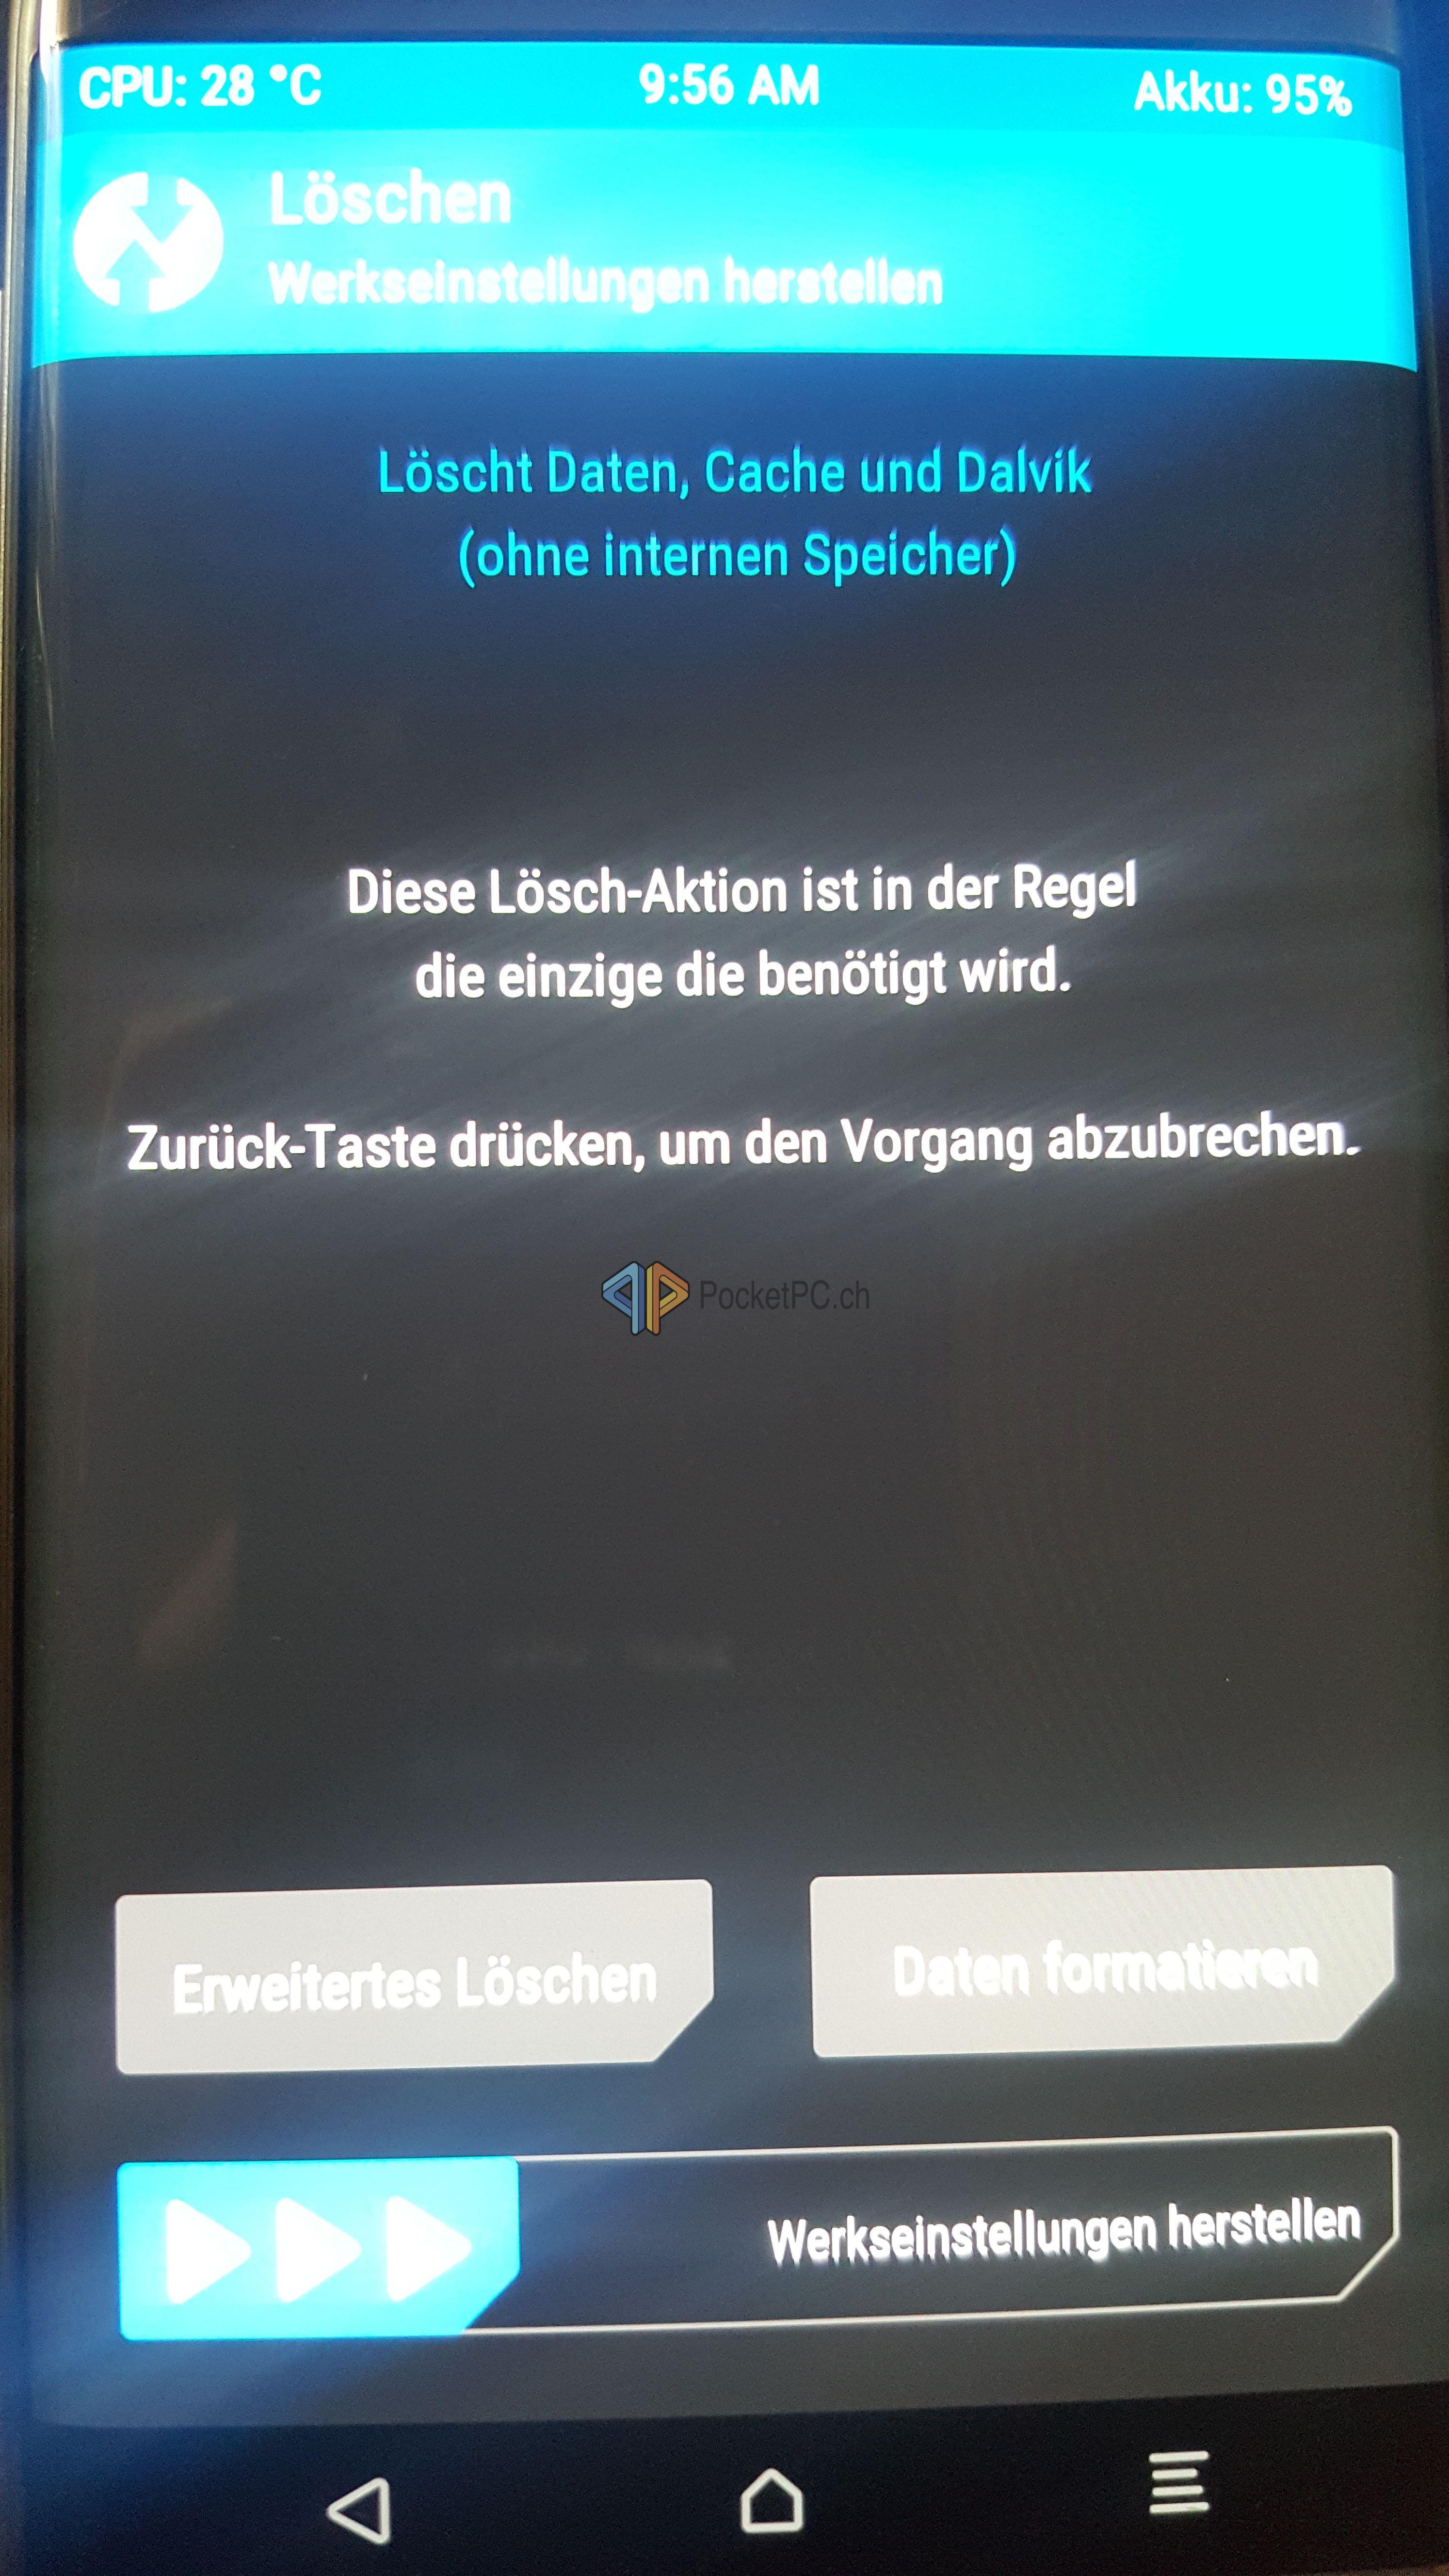 [Anleitung] Samsung Galaxy S7/S7 Edge SM-G930F/G935F - Root per TWRP und SuperSU.zip-20160313_155634.jpg